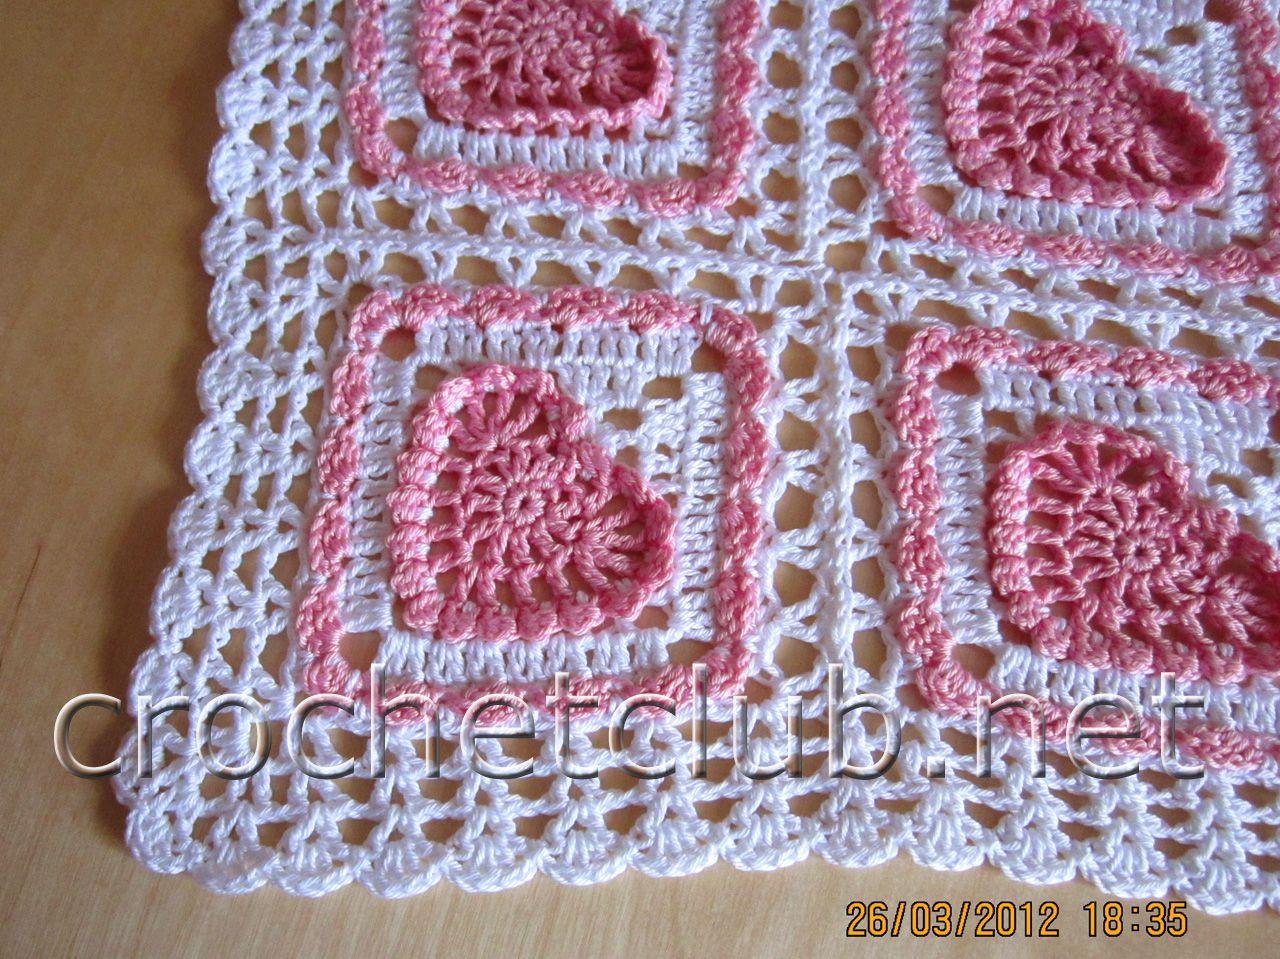 детский плед с сердечками 4 | CrochetHolic - HilariaFina | Pinterest ...